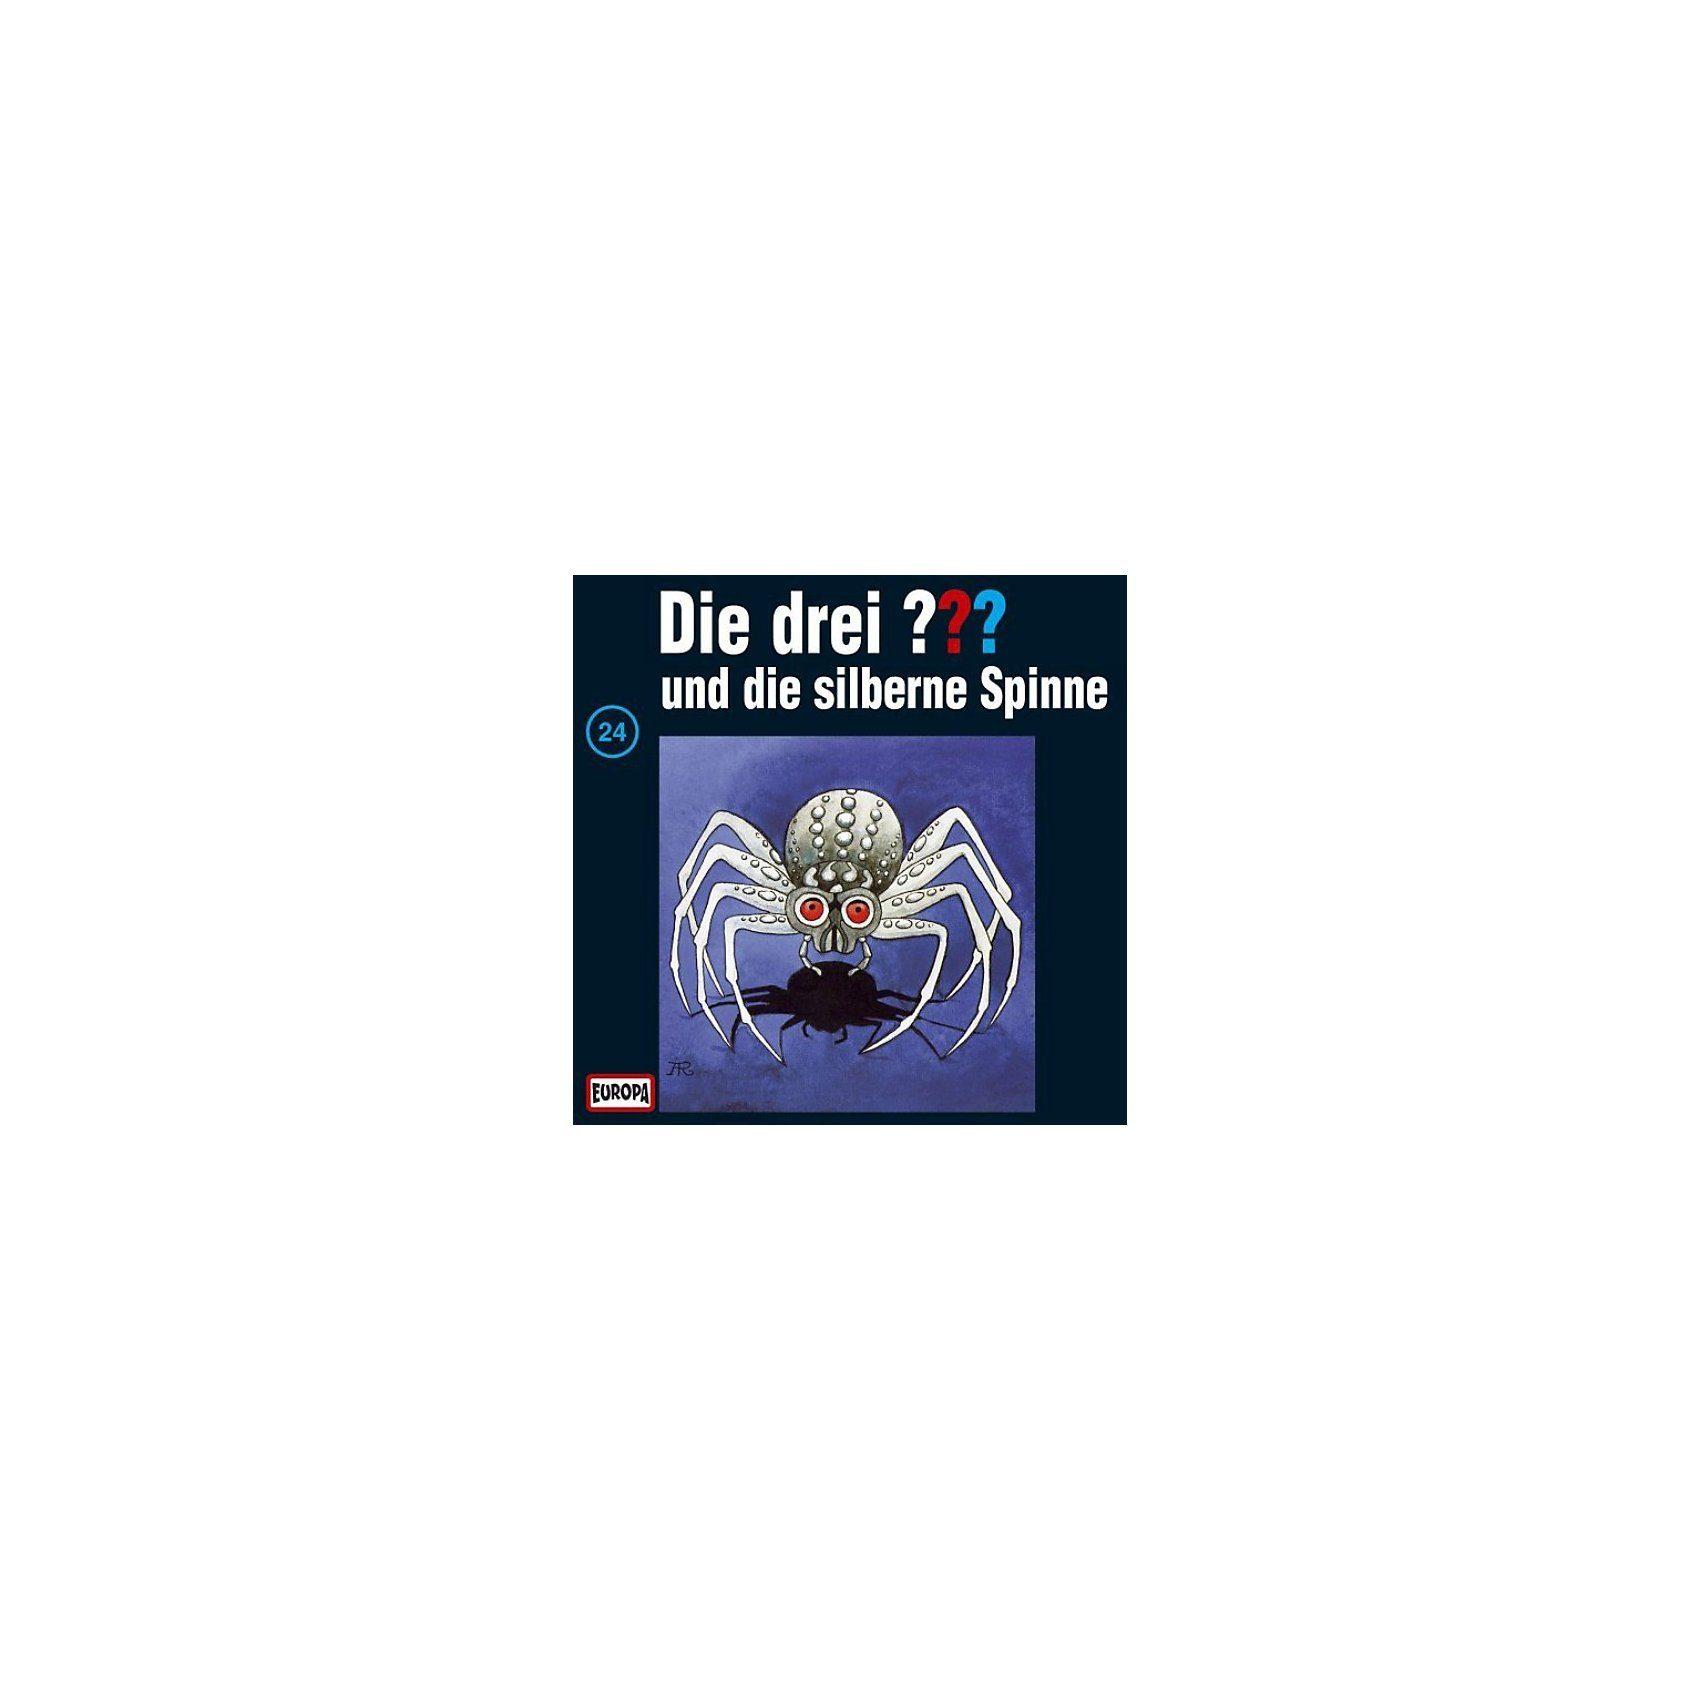 Sony CD Die Drei ??? 024/und die silberne Spinne